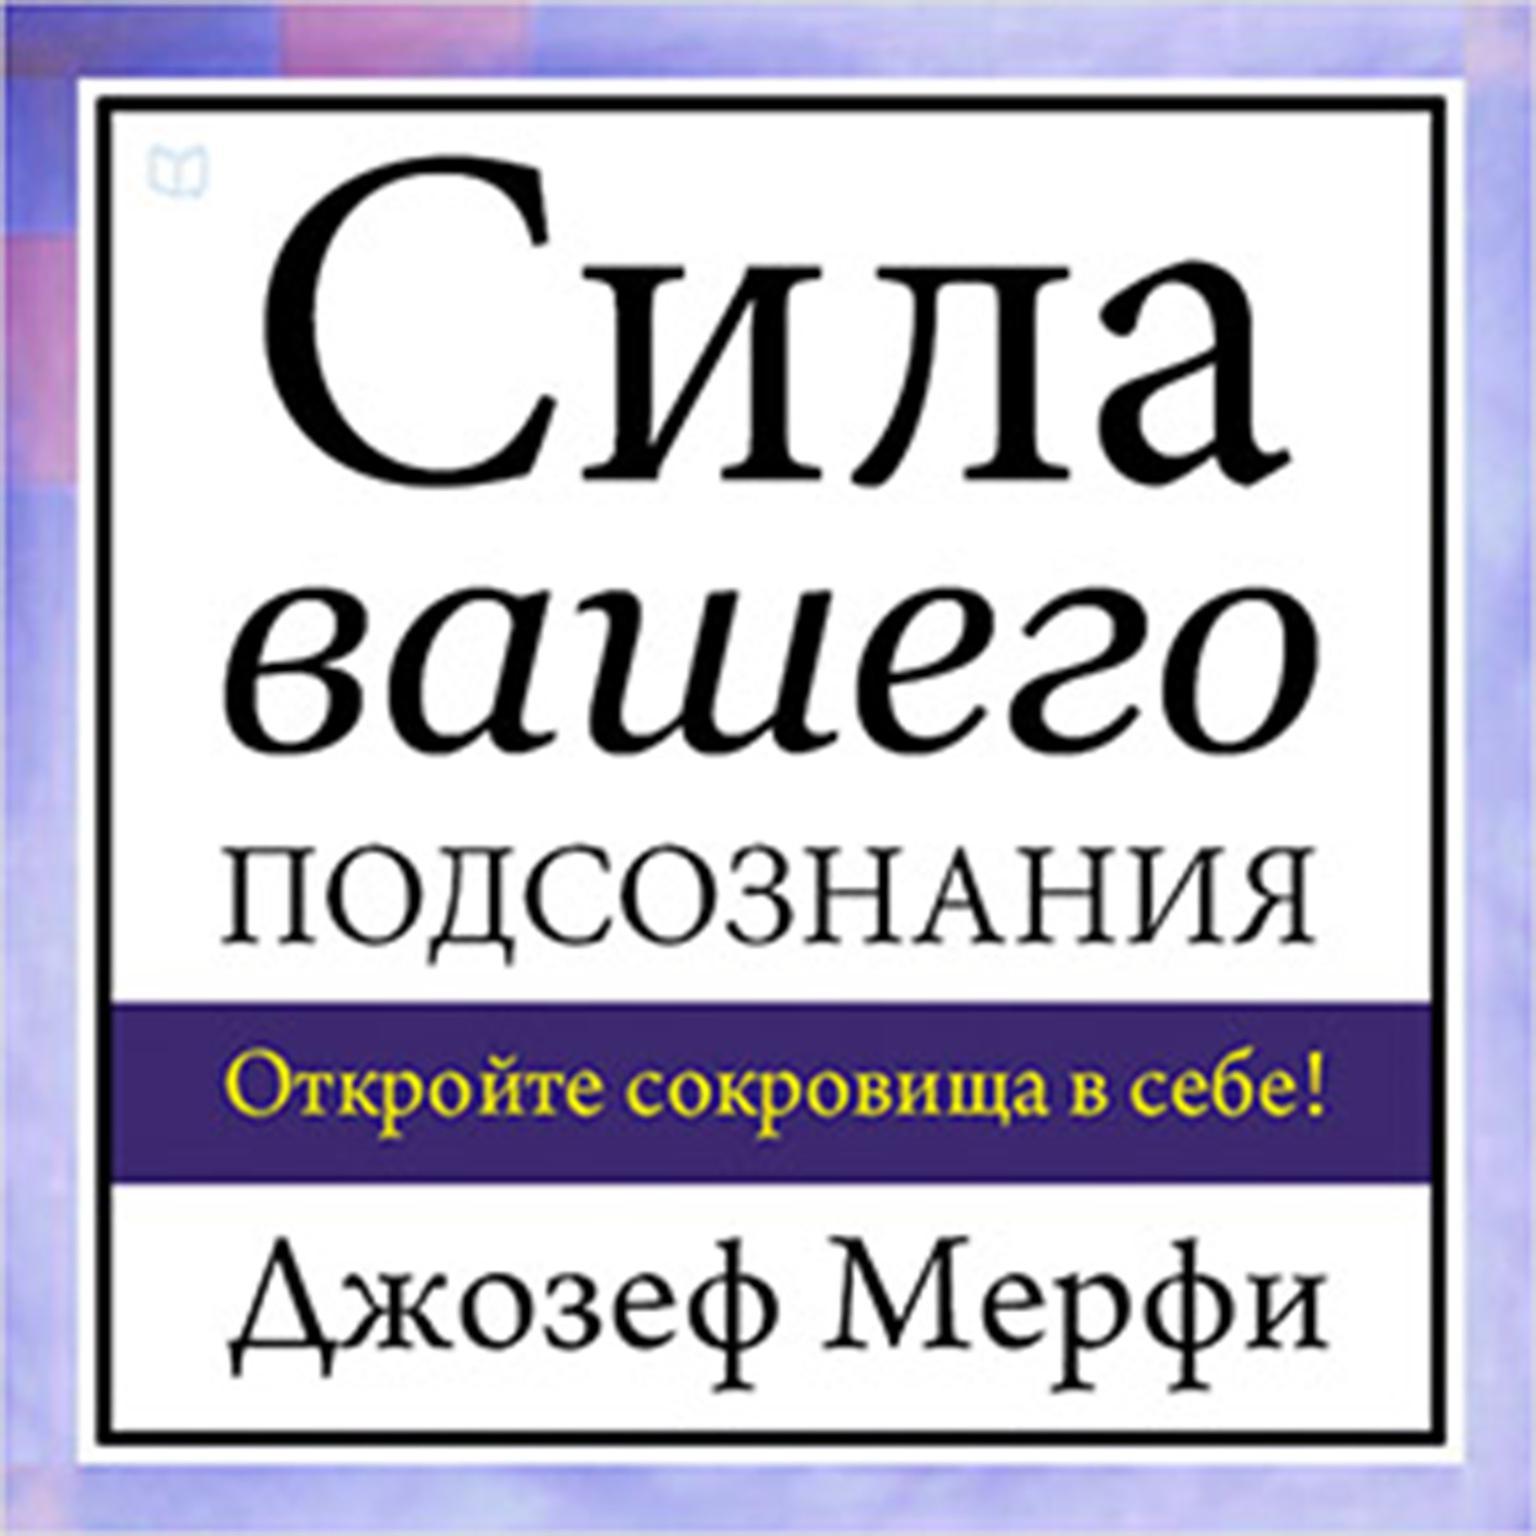 ДЖОЗЕФ МЕРФИ СИЛА ВАШЕГО ПОДСОЗНАНИЯ АУДИОКНИГА СКАЧАТЬ БЕСПЛАТНО